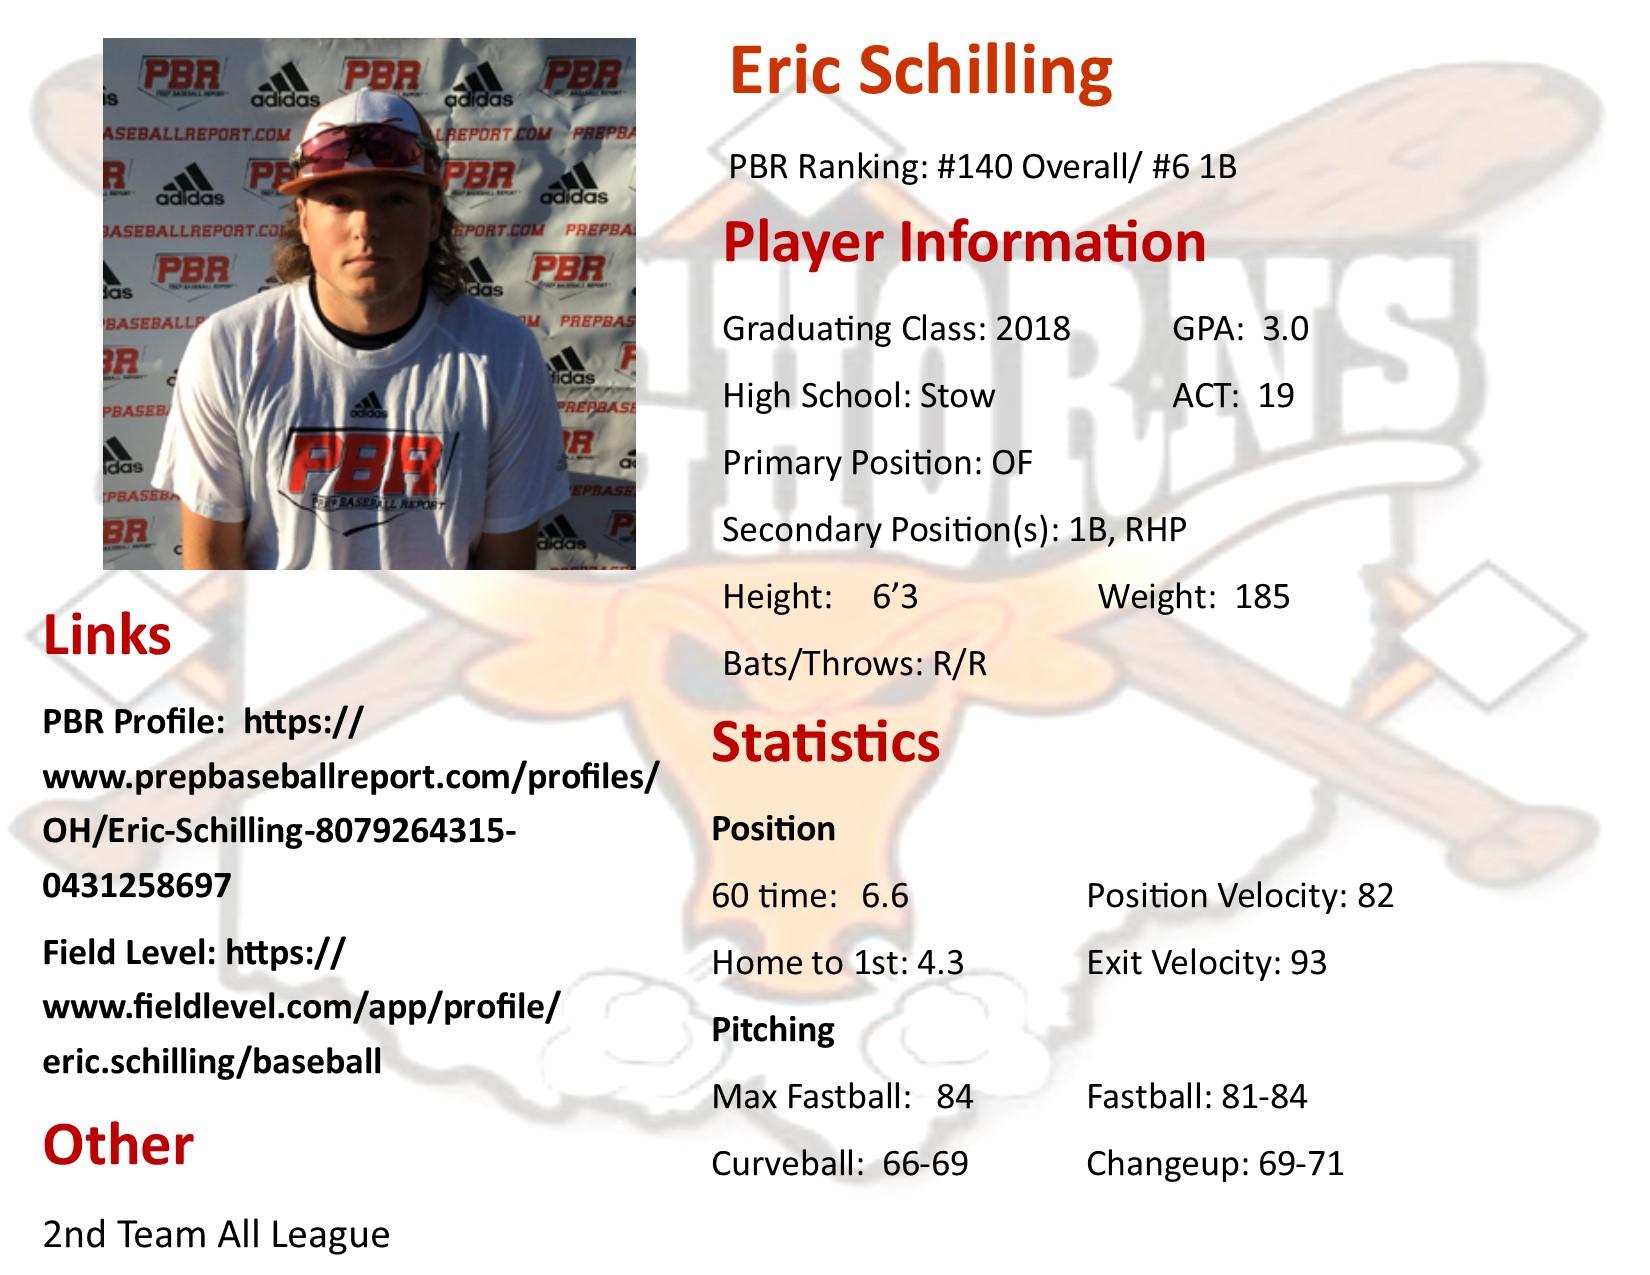 Eric Schilling